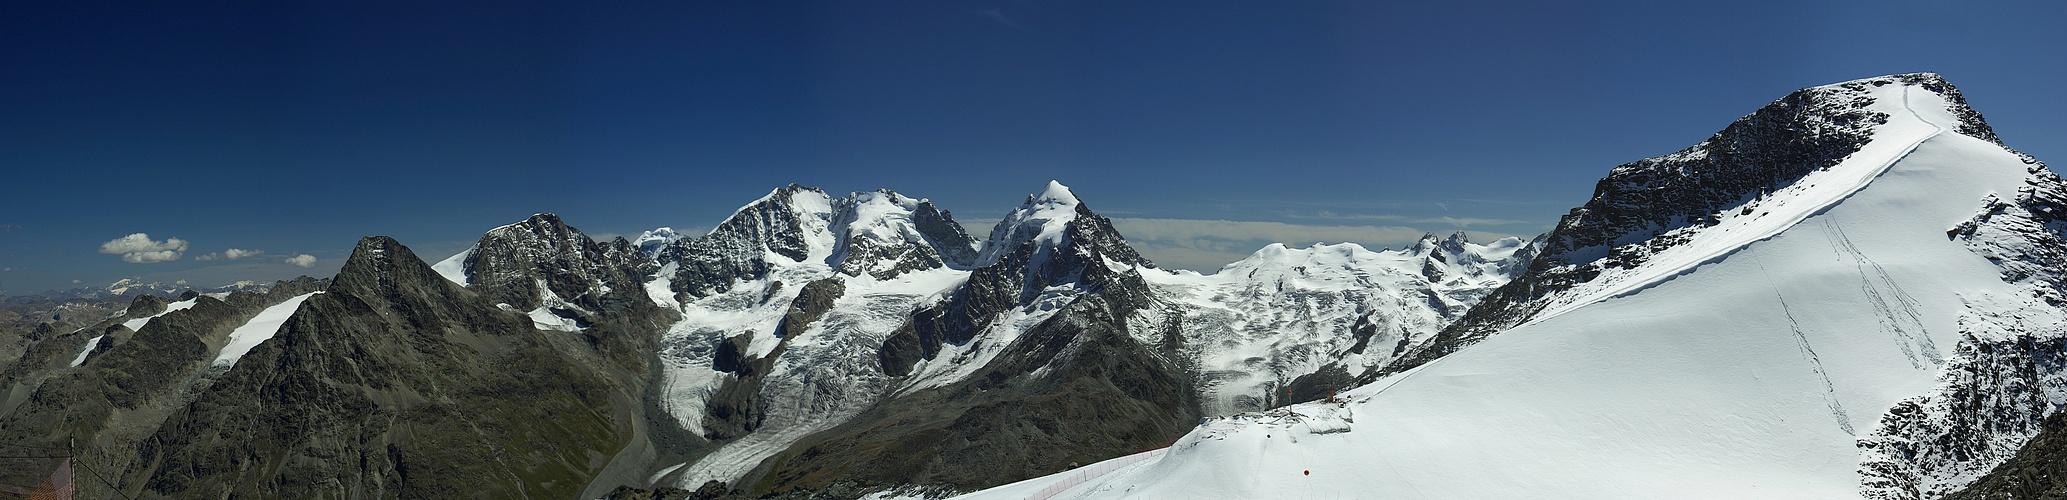 Blick vom Corvatsch (3303m) Richtung Piz Palü. (Reload)